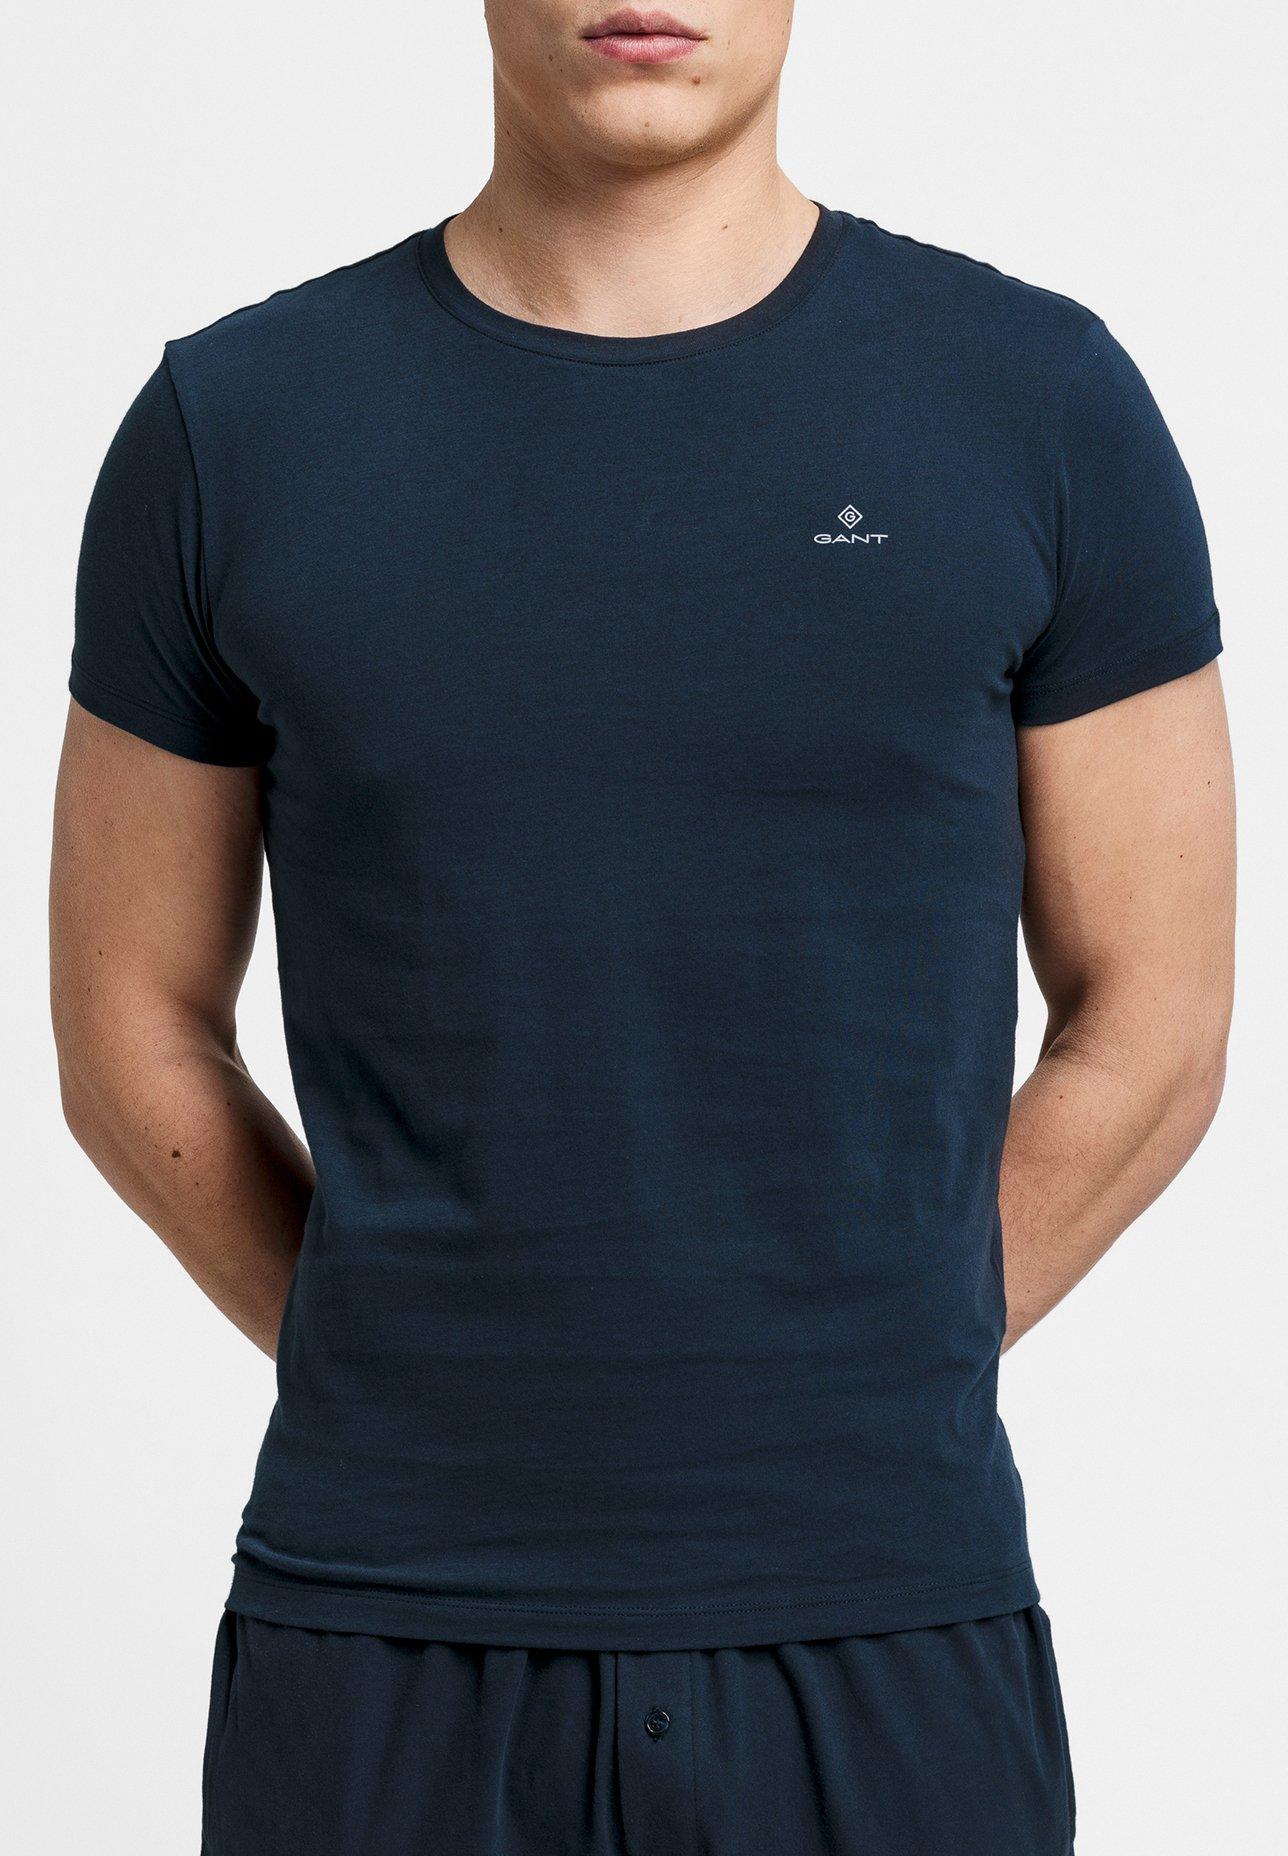 Herren 2 PACK - Nachtwäsche Shirt